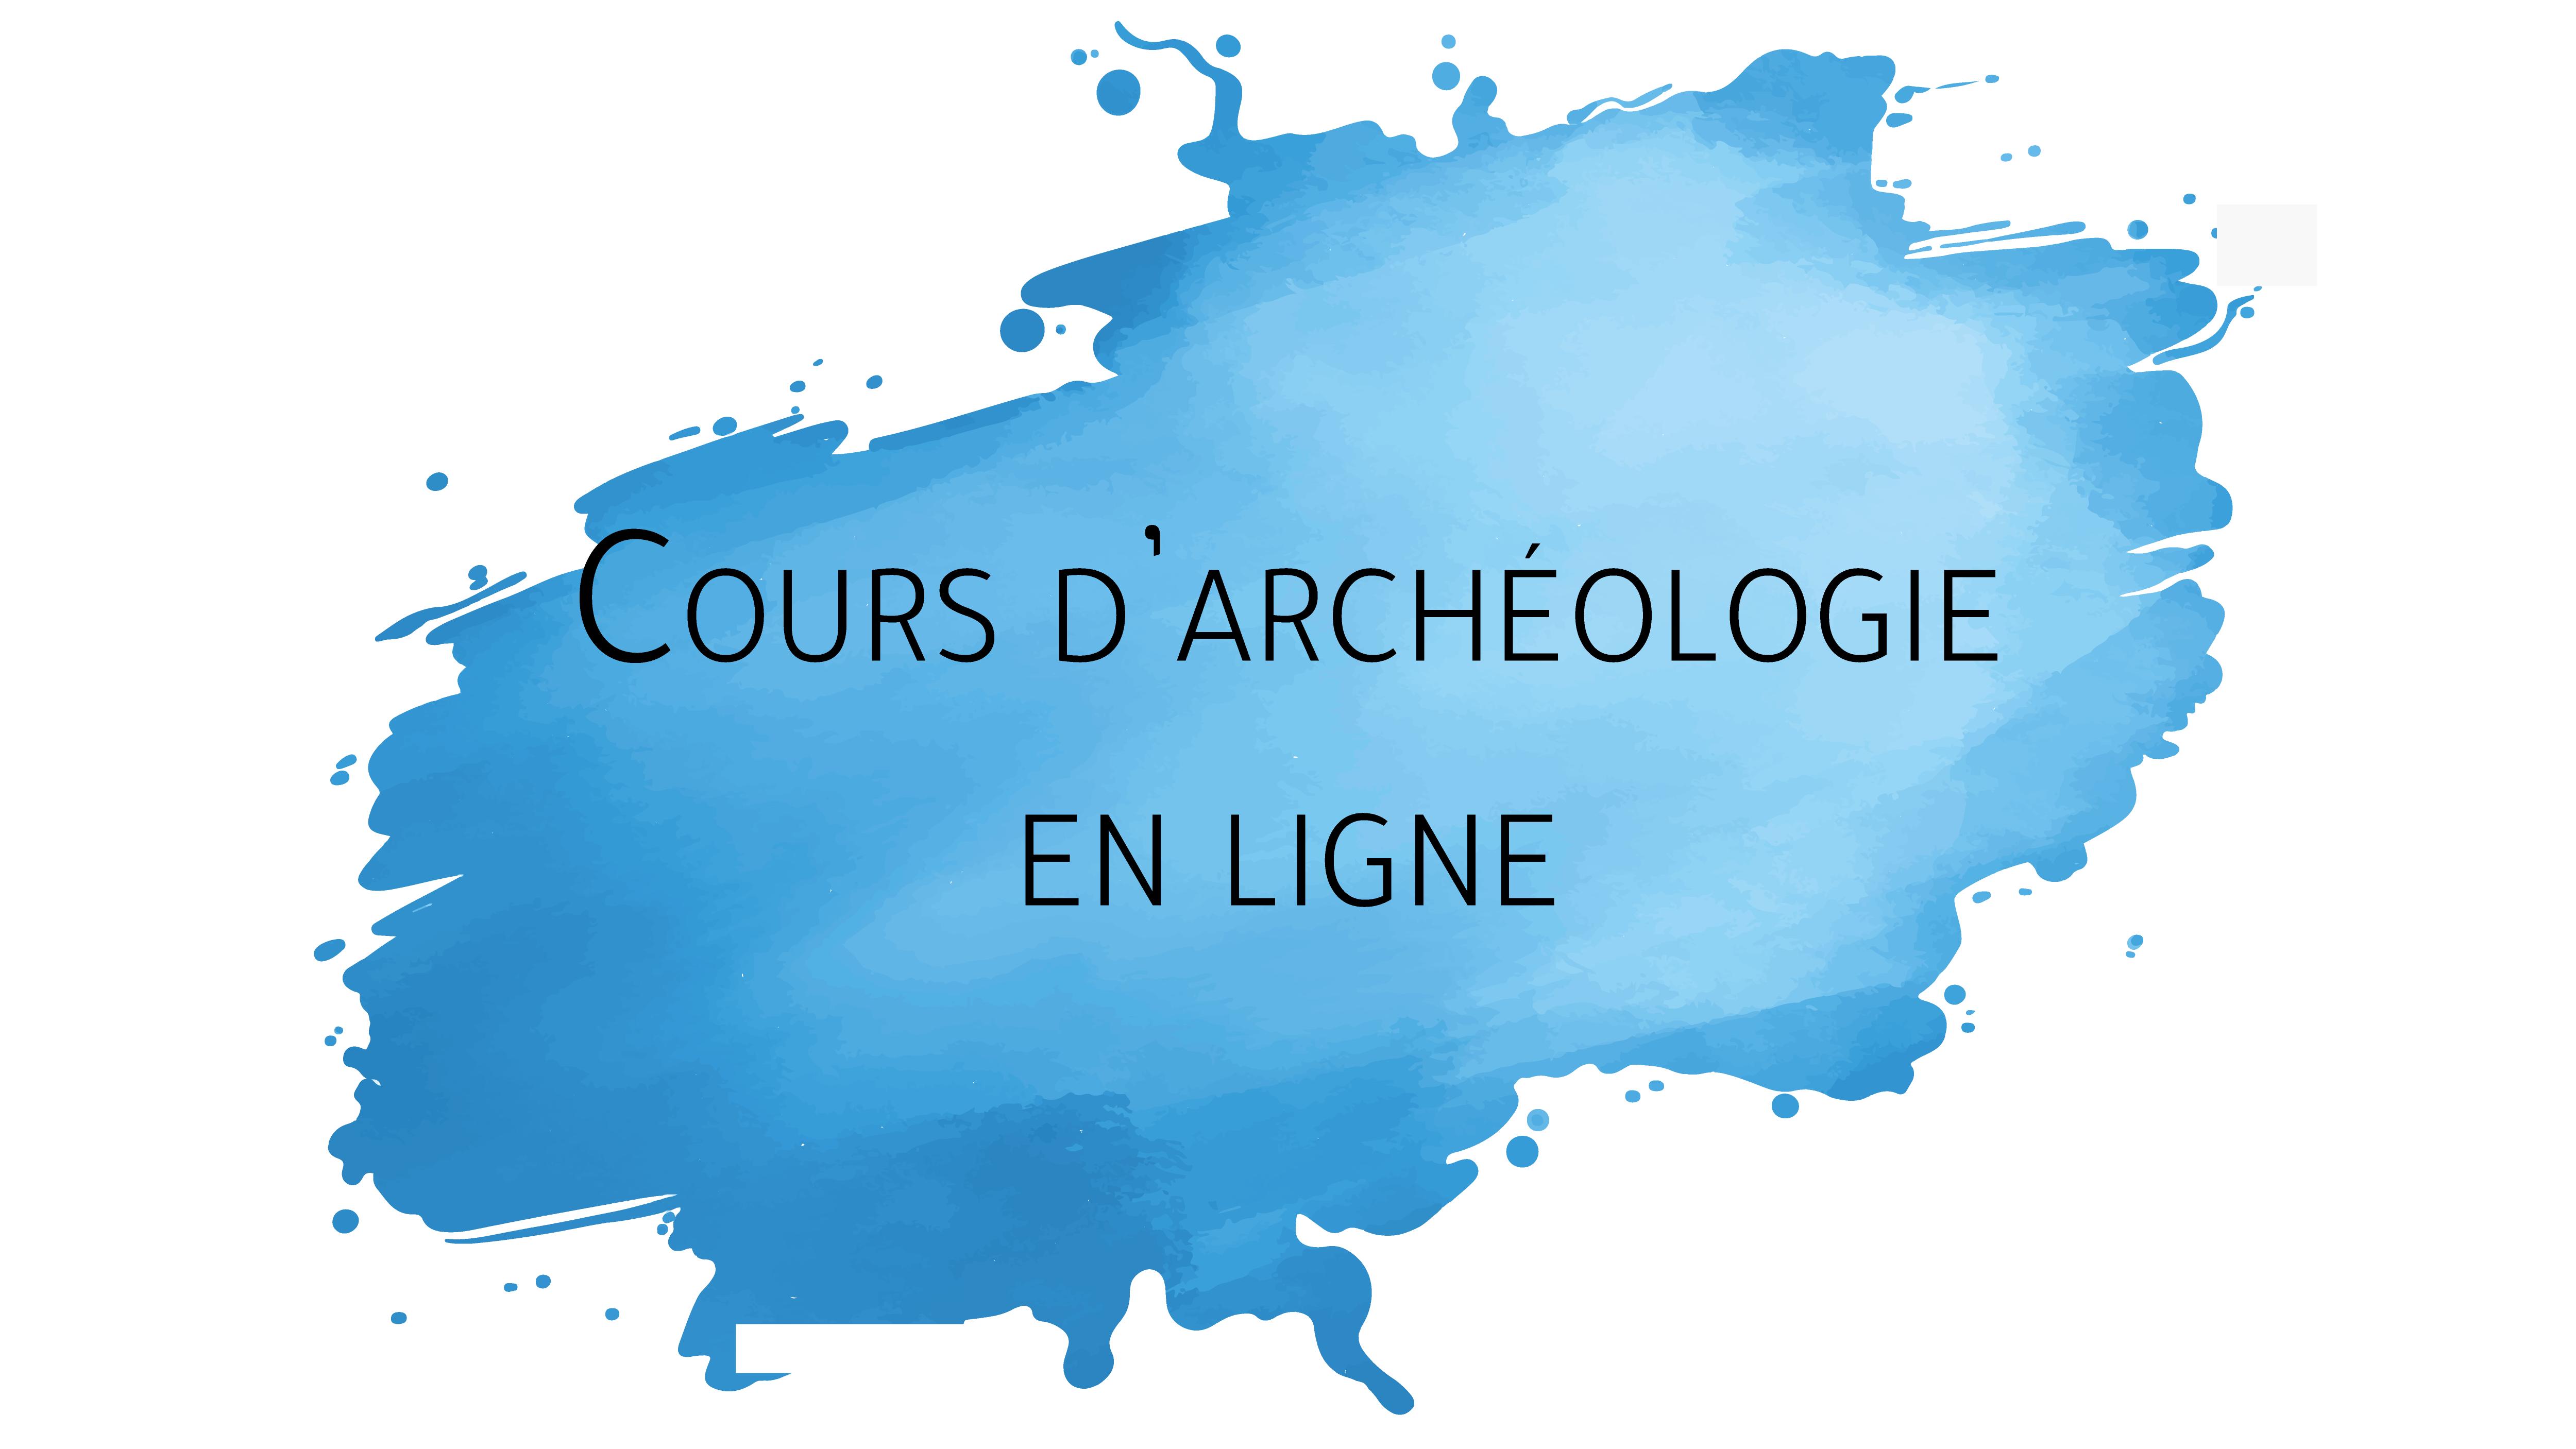 Un nouveau cours d'archéologie en ligne !